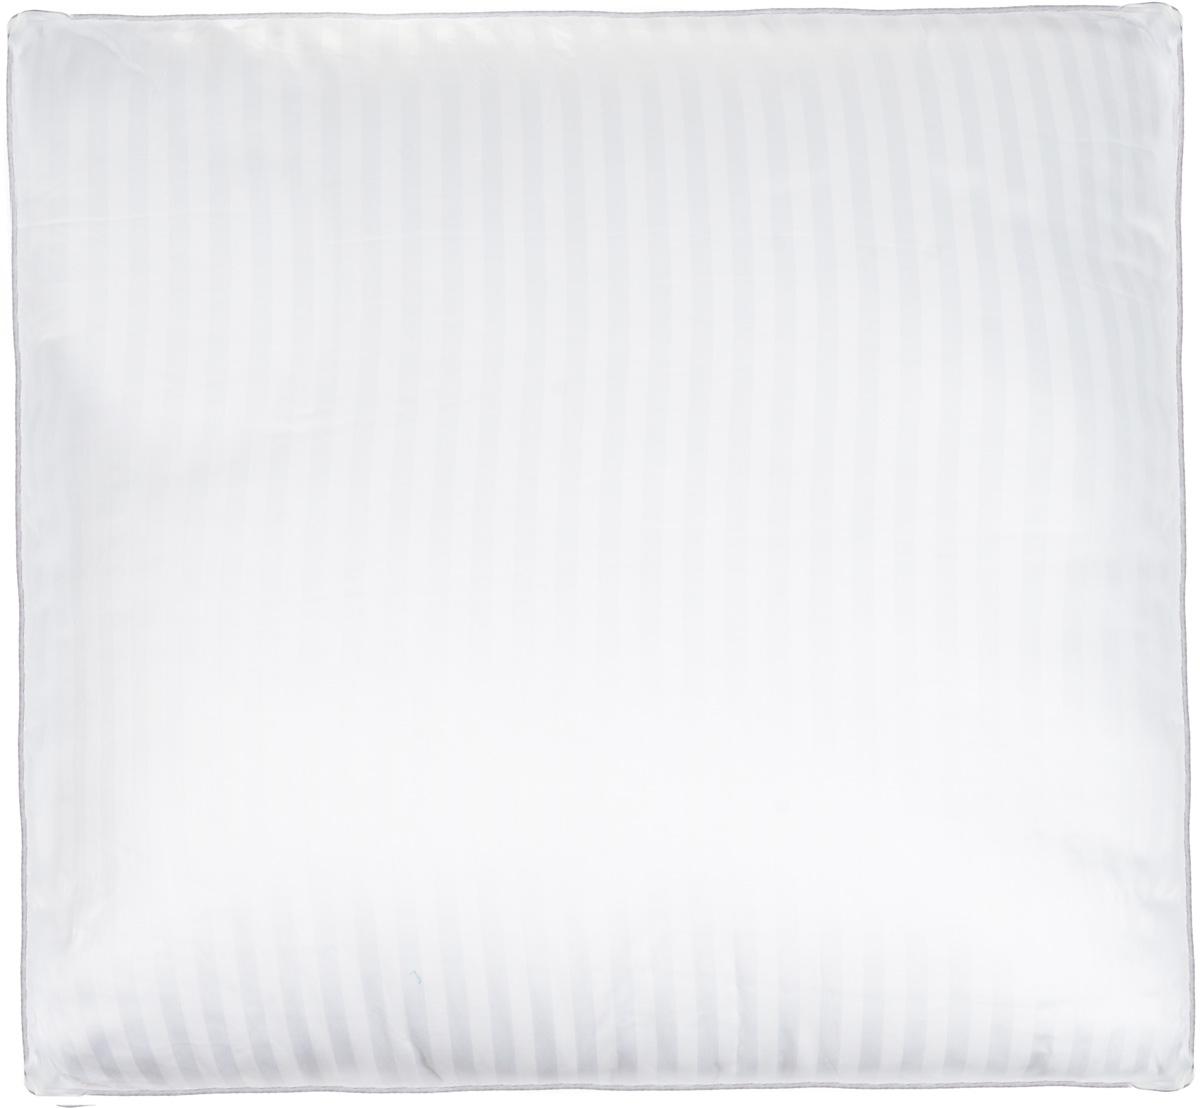 Подушка Легкие сны Элисон, наполнитель: лебяжий пух, 68 х 68 см17102018Подушка Легкие сны Элисон поможет расслабиться, снимет усталость и подарит вам спокойный и здоровый сон. В качестве наполнителя используется синтетический сверхтонкий и практически невесомый материал, названный лебяжьим пухом. Изделия с наполнителем из искусственного пуха легкие, мягкие и не вызывают аллергии. Чехол изделия выполнен из белоснежного сатина (100% хлопок) с тиснением страйп (полосы), по краю подушки выполнена отделка атласным кантом серого цвета. Подушка с таким наполнителем практична, легко стирается и быстро сохнет, сохраняя свои первоначальные свойства. Подушку можно стирать в стиральной машине. Степень поддержки: средняя.